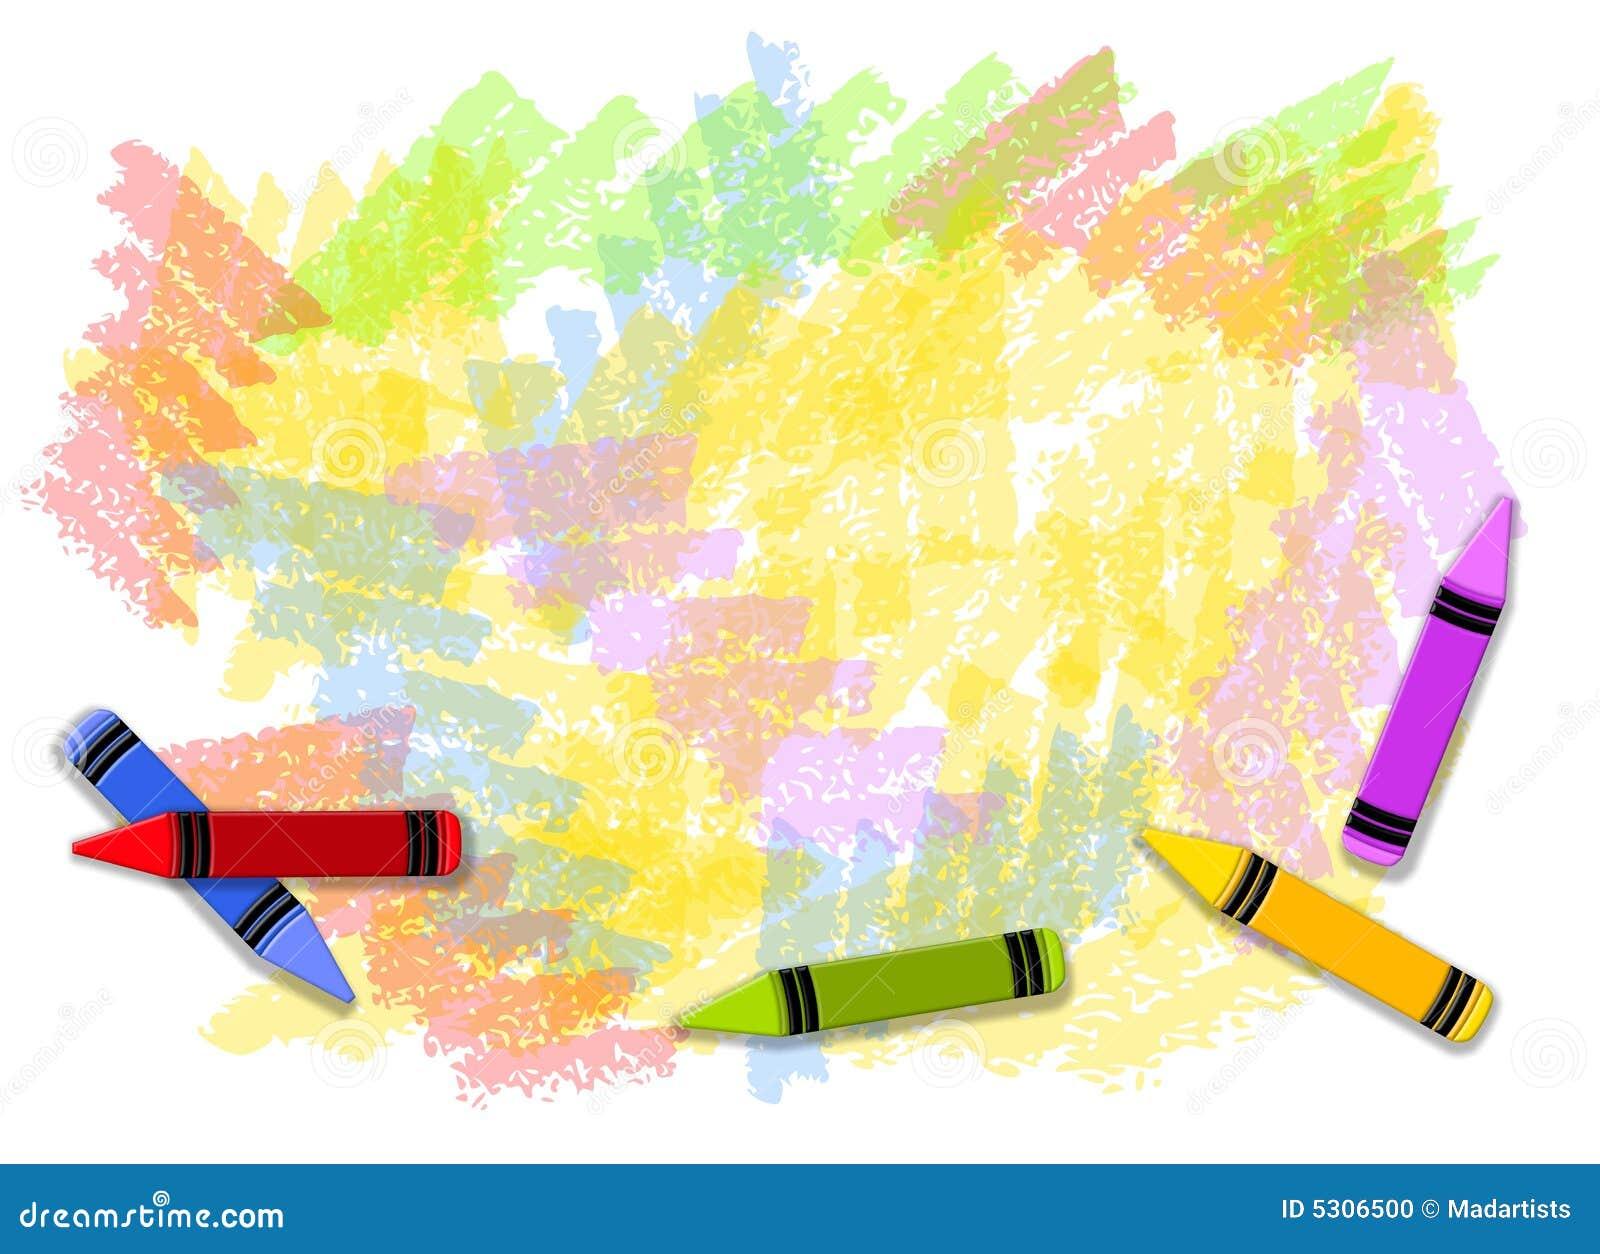 Priorità bassa Colourful dei pastelli